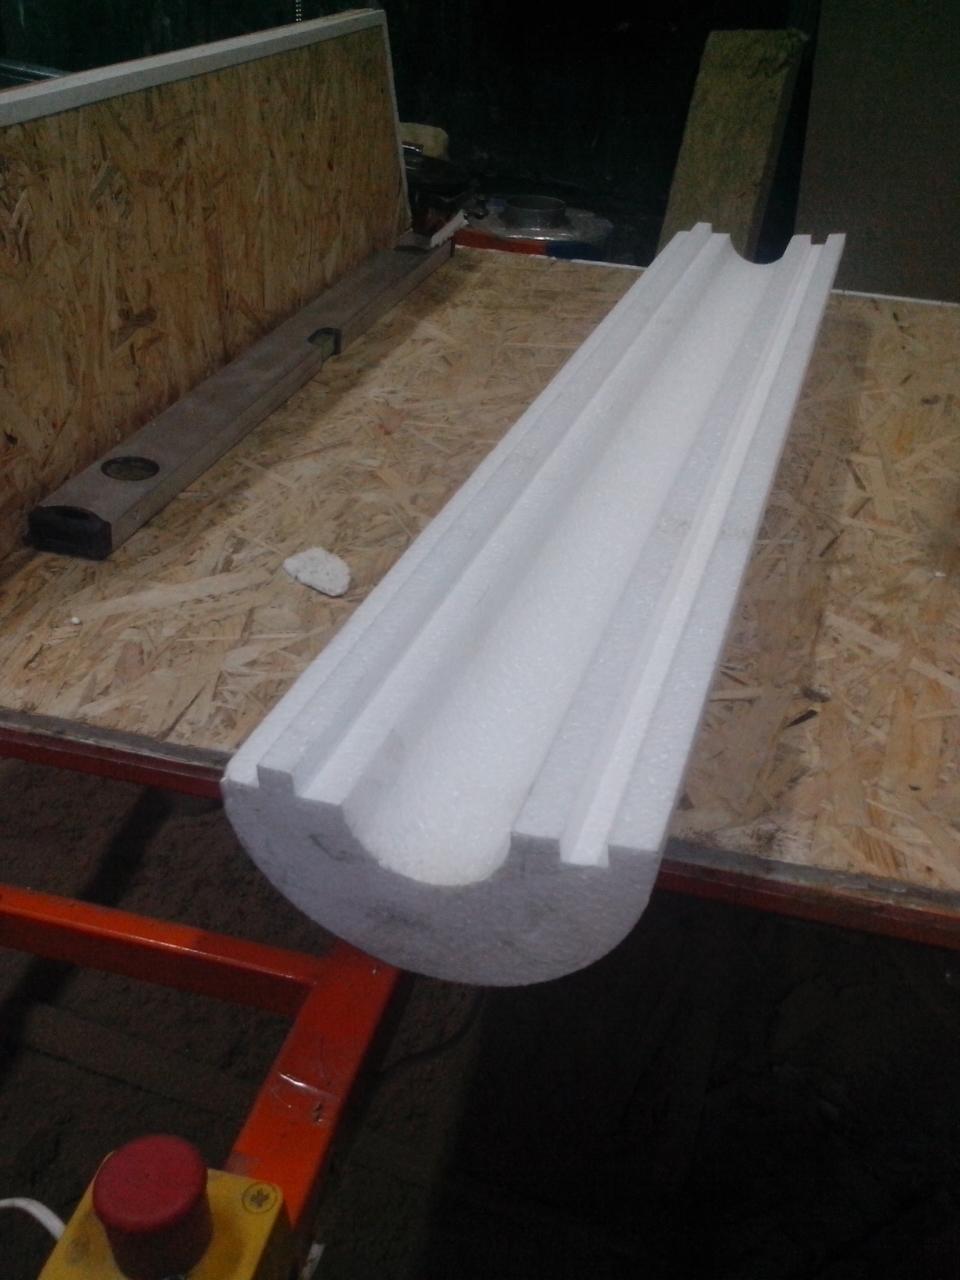 Утеплитель из пенопласта (пенополистирола) для труб Ø 40 мм толщиной 80 мм